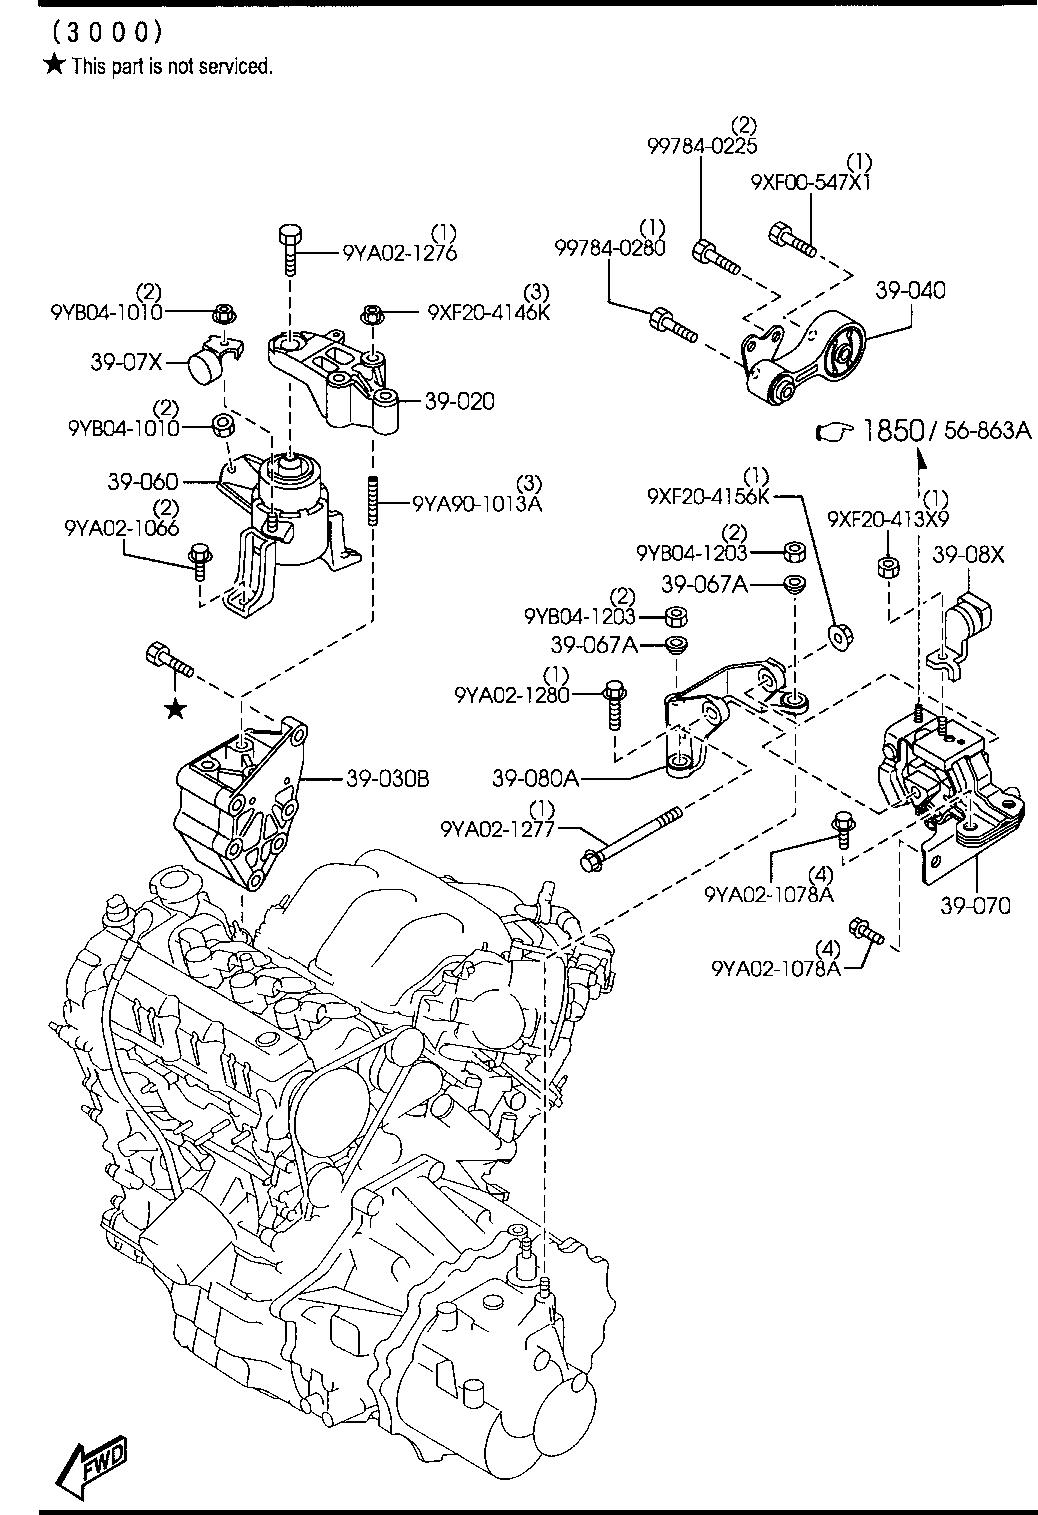 Mazda 3 0 Engine Diagram Wiring Diagrams Premium A Premium A Chatteriedelavalleedufelin Fr